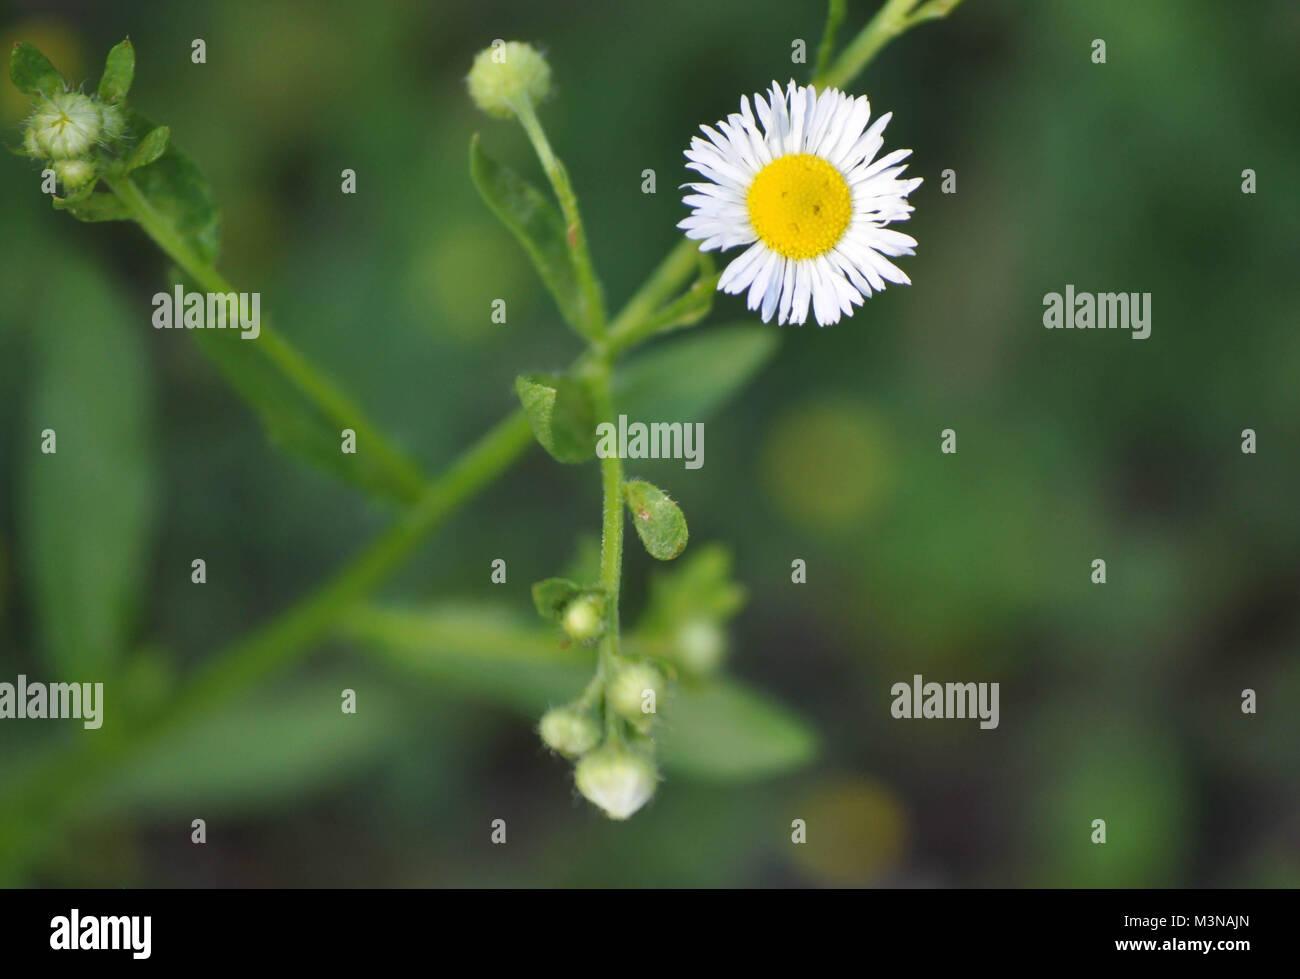 Daisy like flower face stock photos daisy like flower face stock small daisy flower looks like a sad frowning face stock image izmirmasajfo